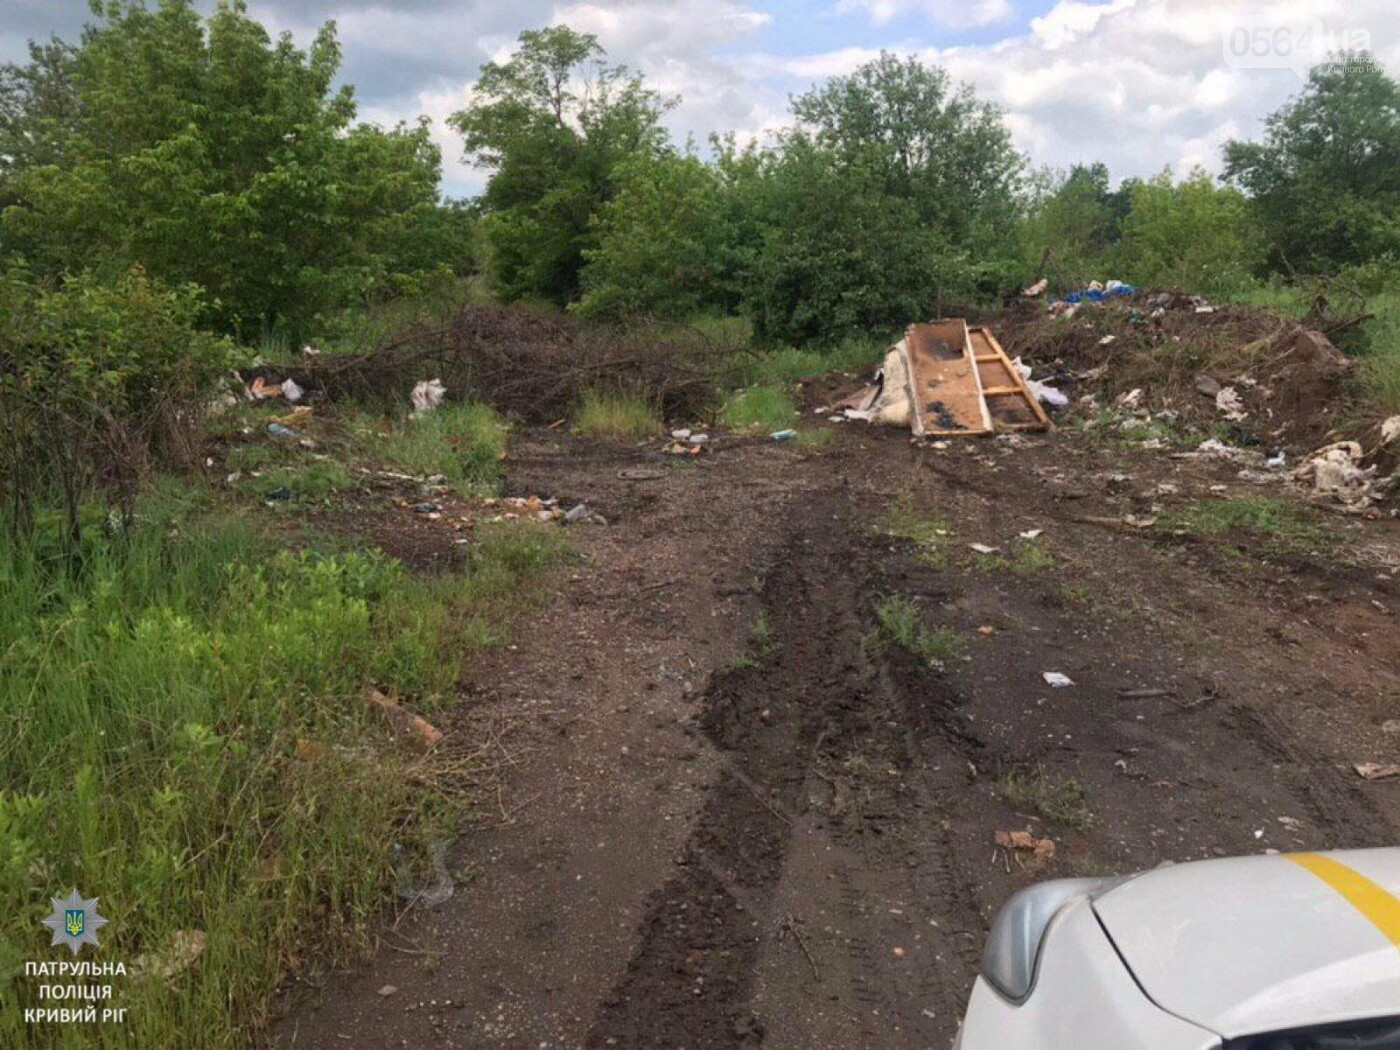 Криворожанин, который выбрасывал мусор в неположенном месте, получил админпротокол, - ФОТО , фото-1